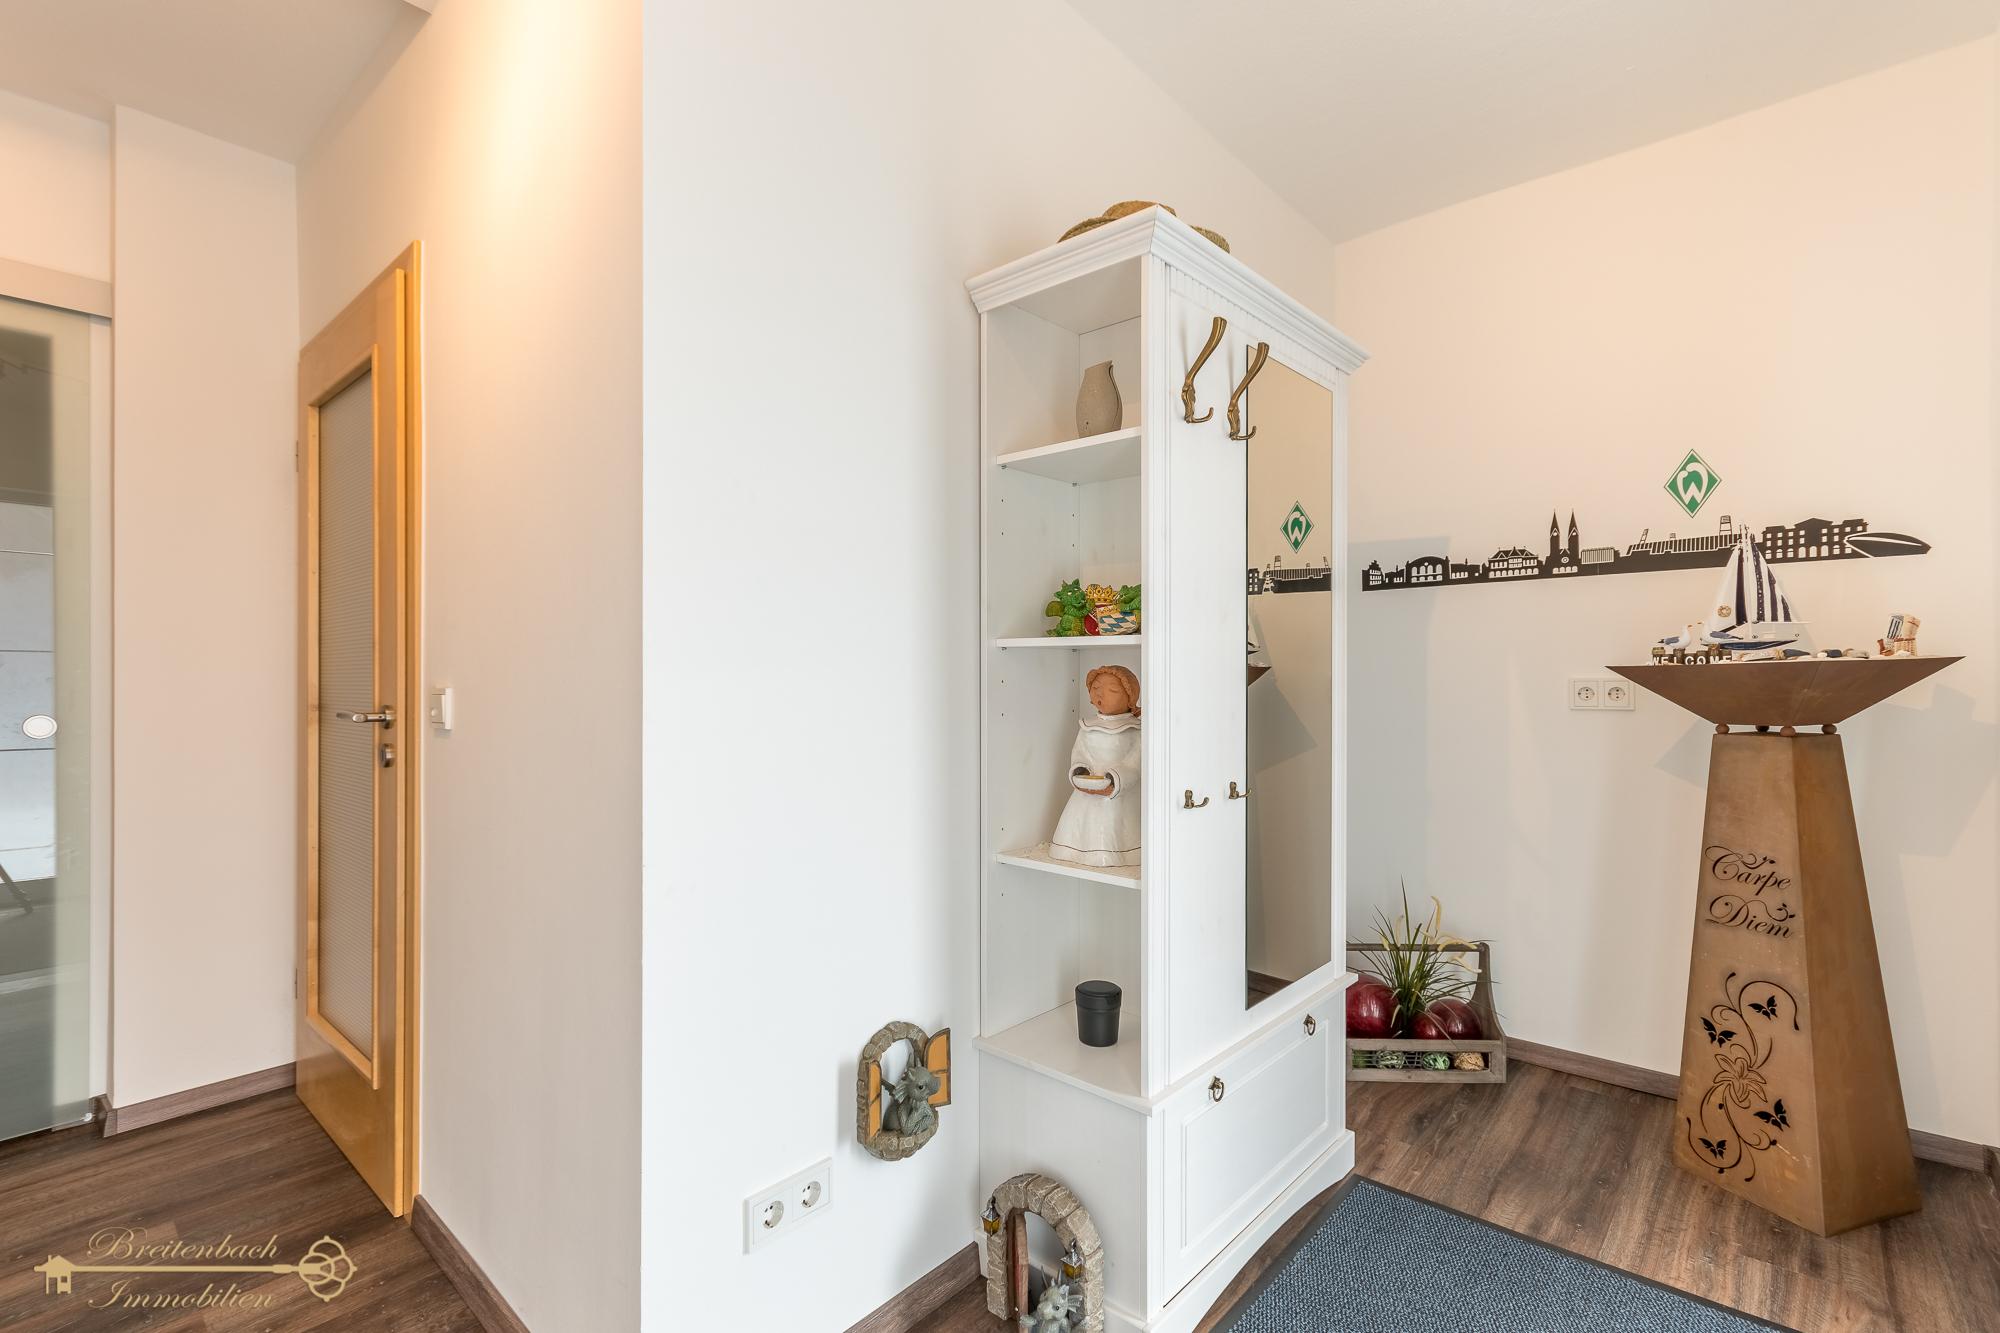 2020-08-23-Breitenbach-Immobilien-9